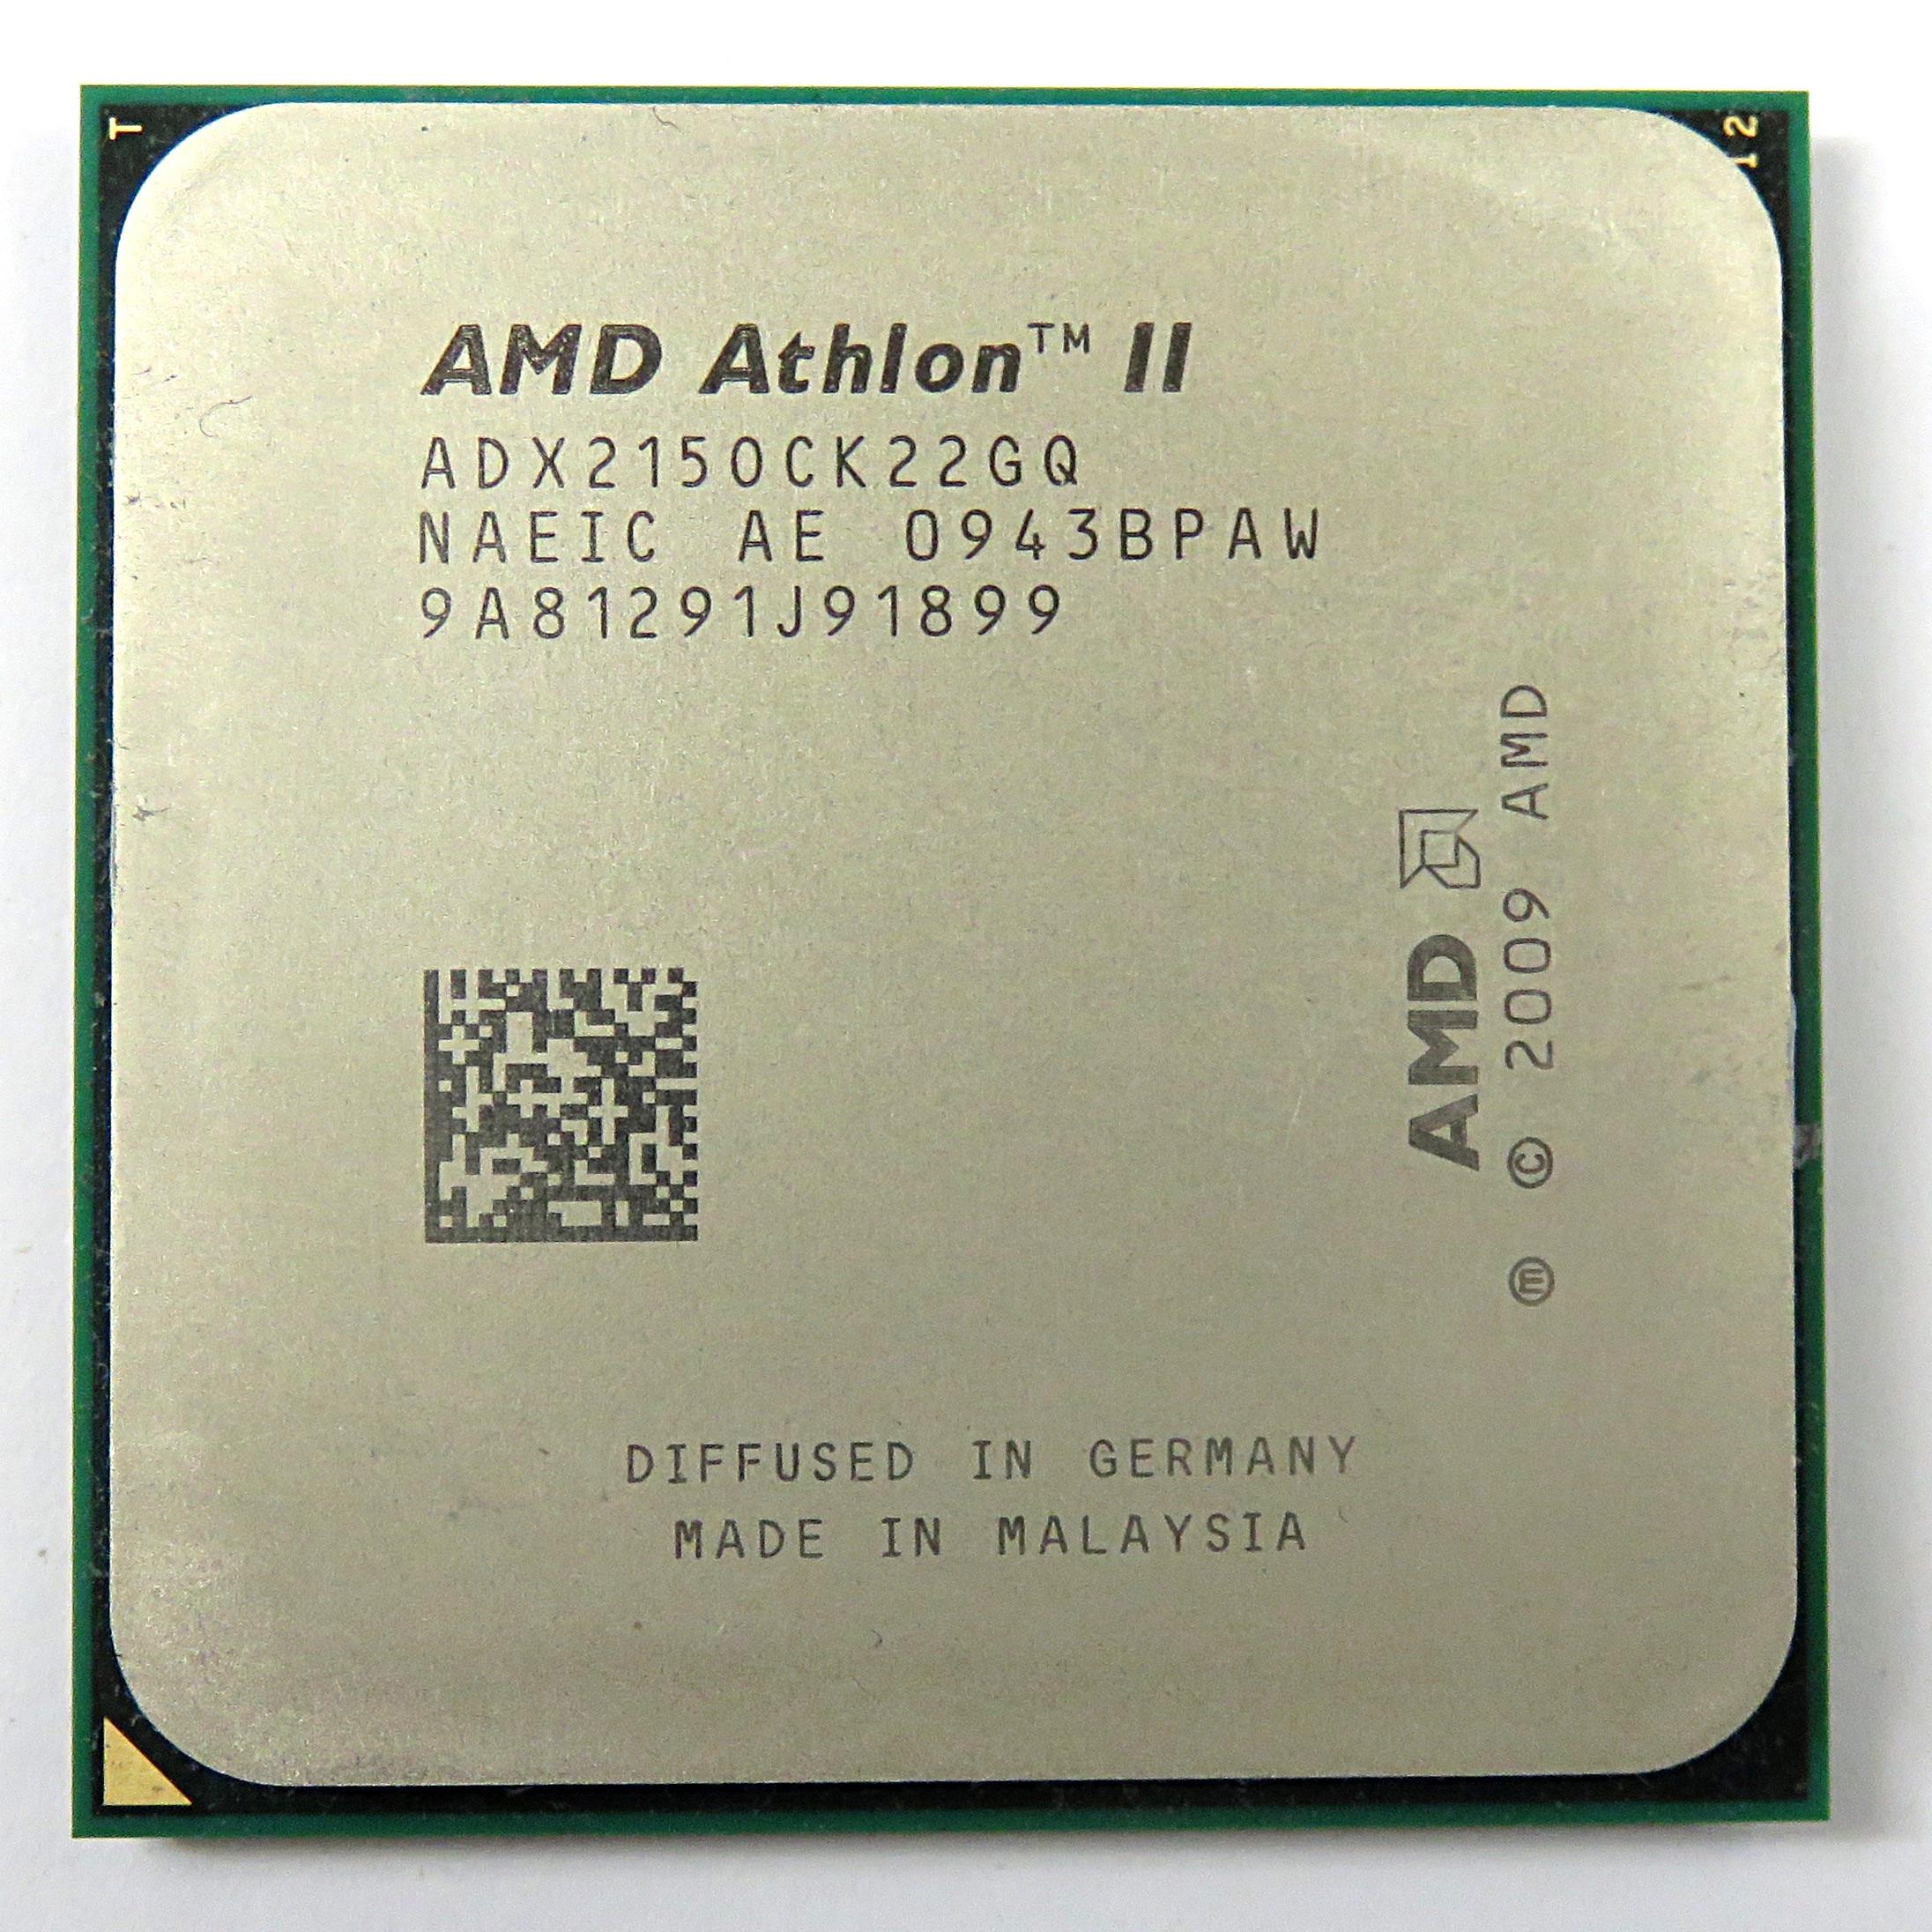 AMD ADX2150CK22GQ Athlon 2 X2 215 2.7GHz 1MB Socket AM2+ / AM3 Processor